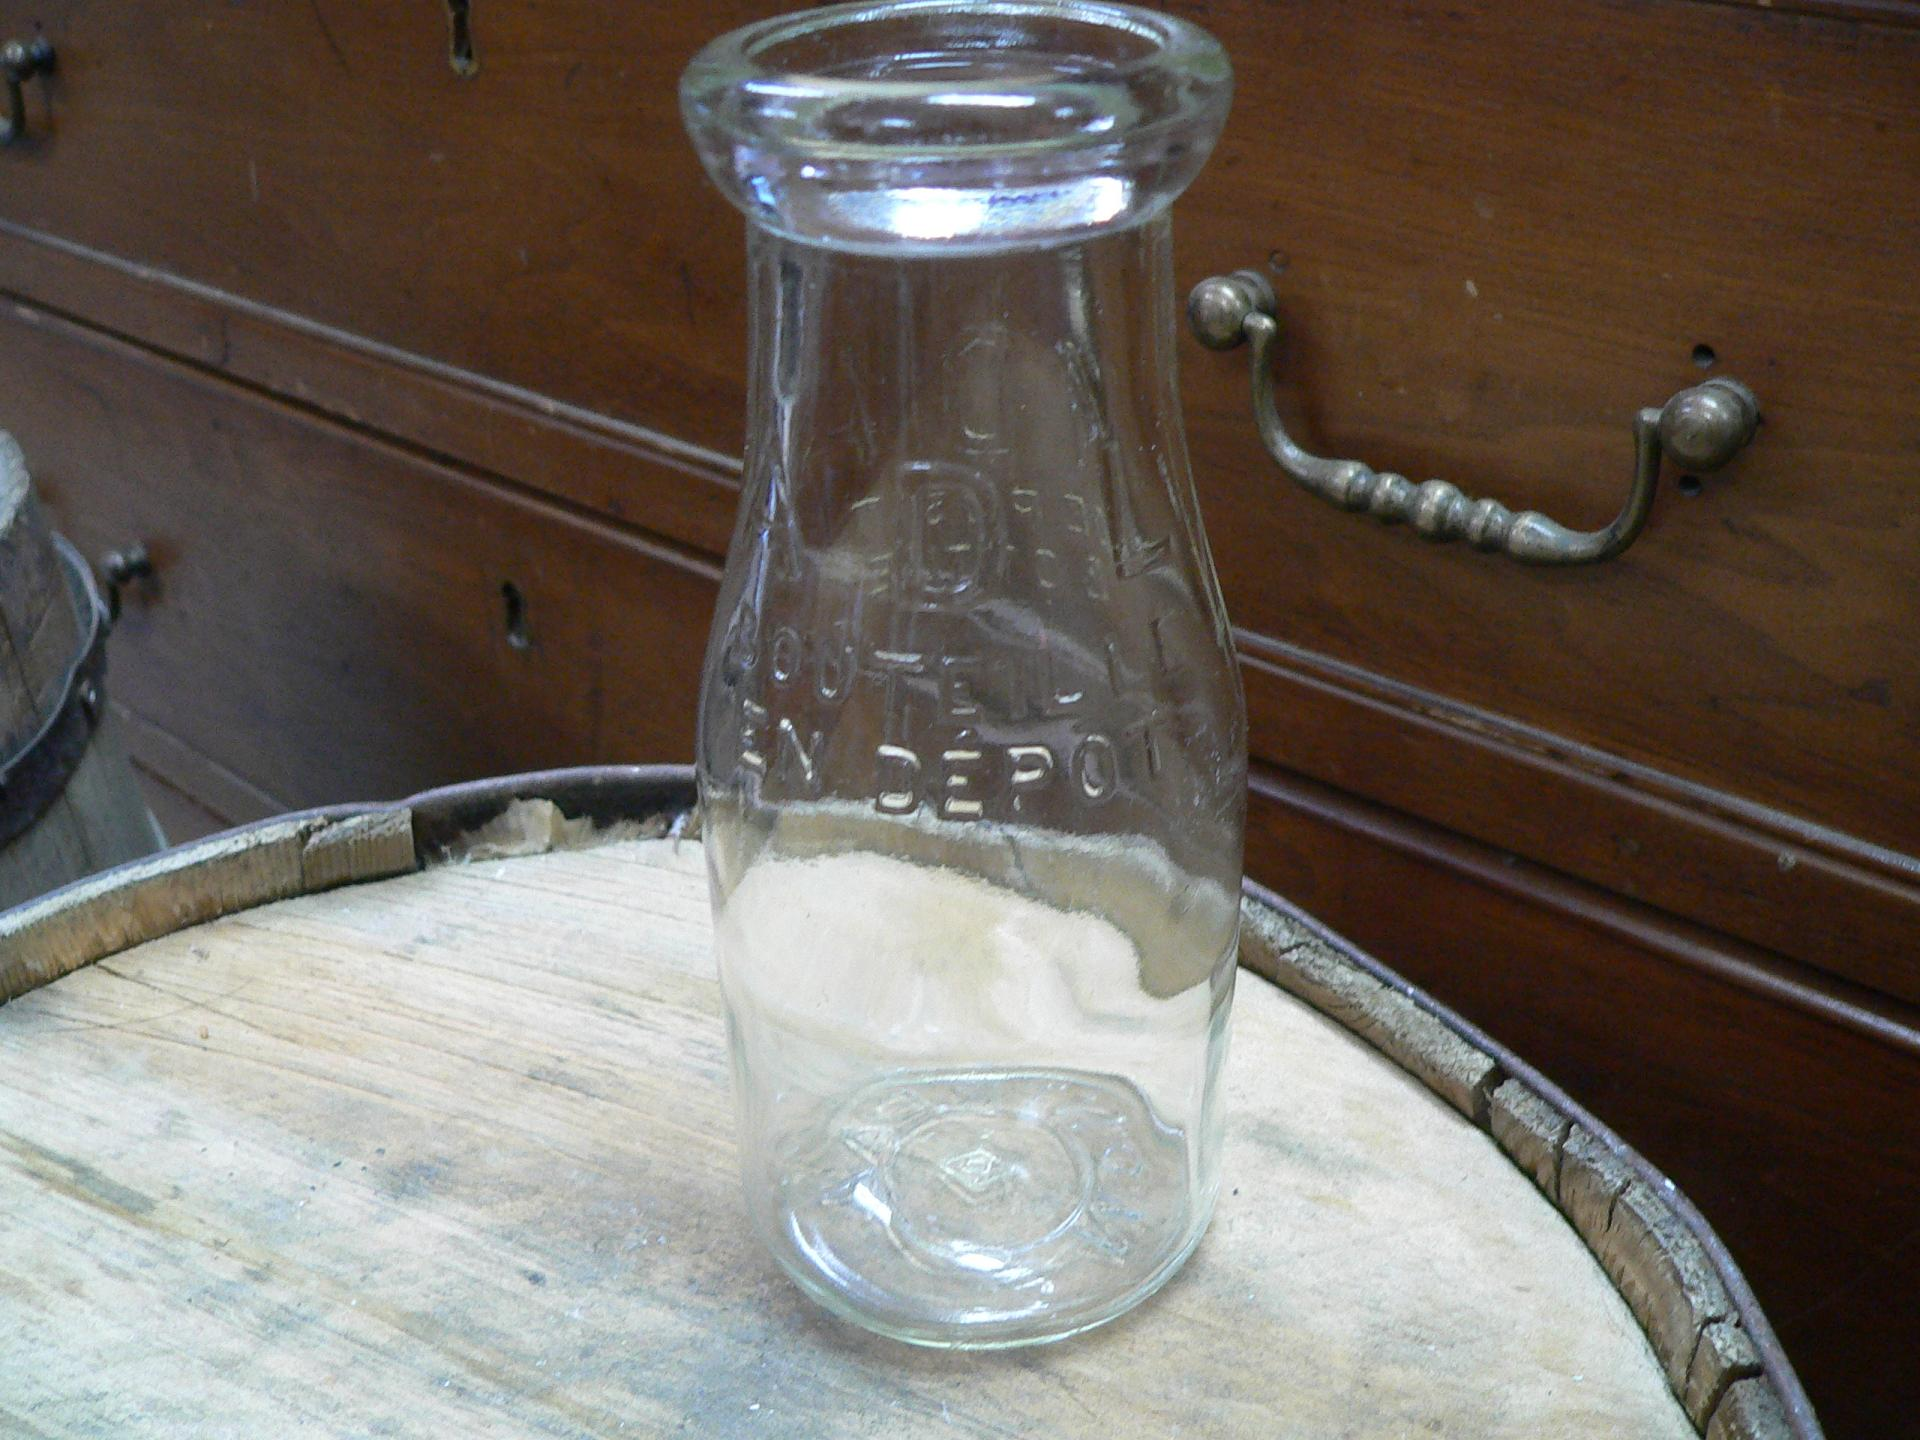 Bouteille de lait antique # 4824.5